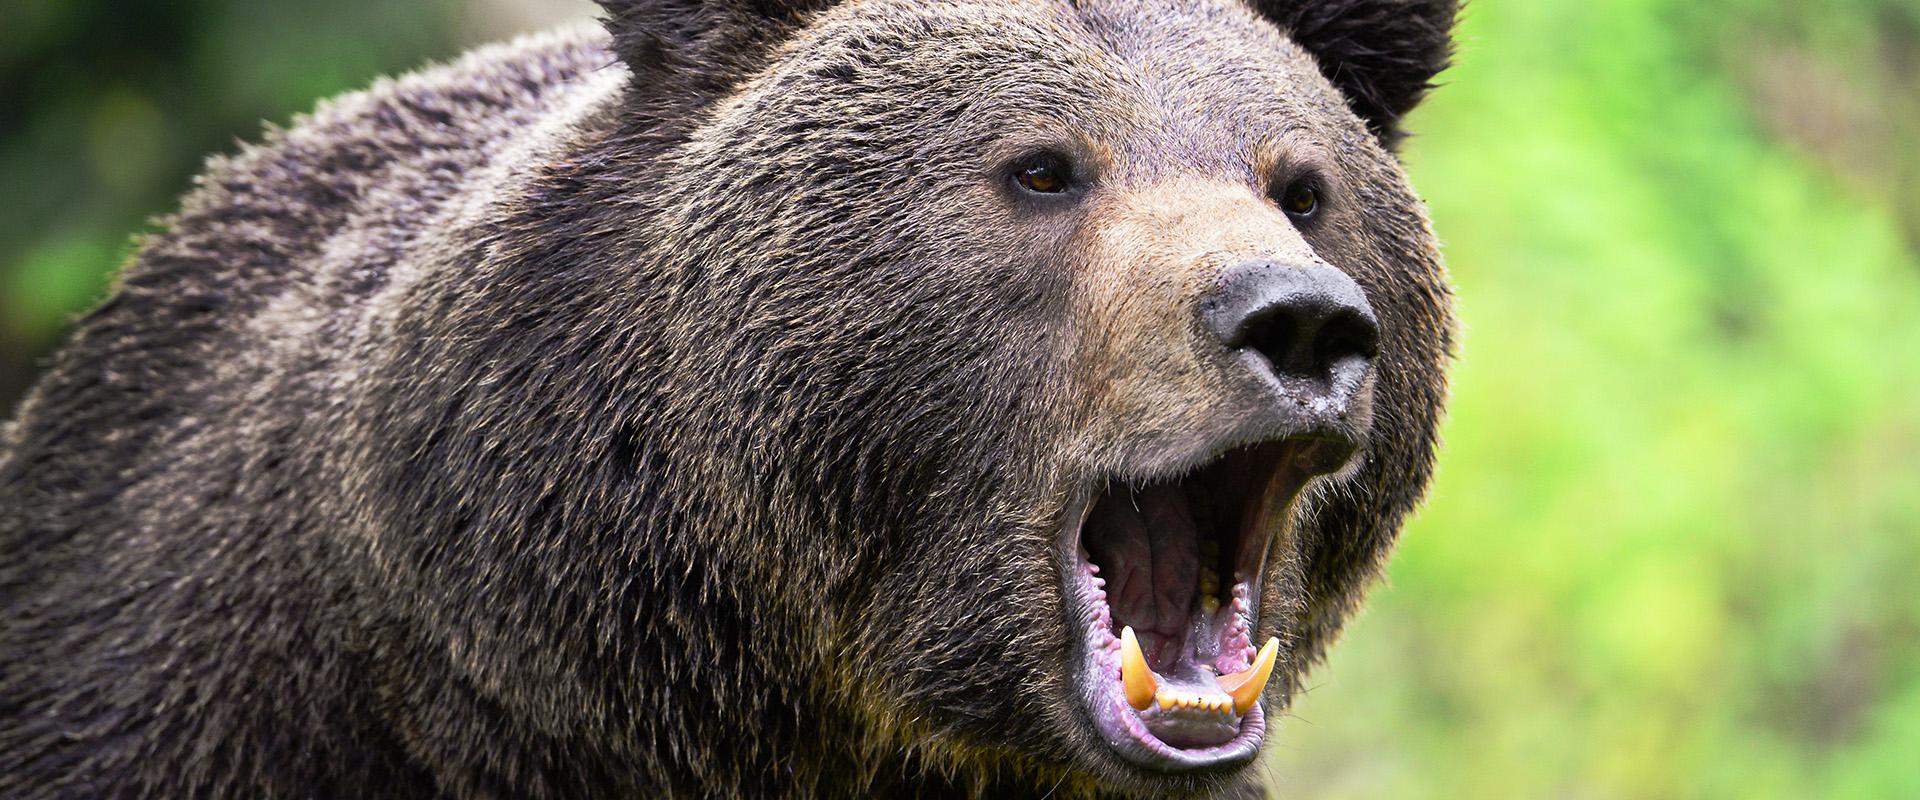 niedźwiedź porady jak się zachować przemekzwiedza blog